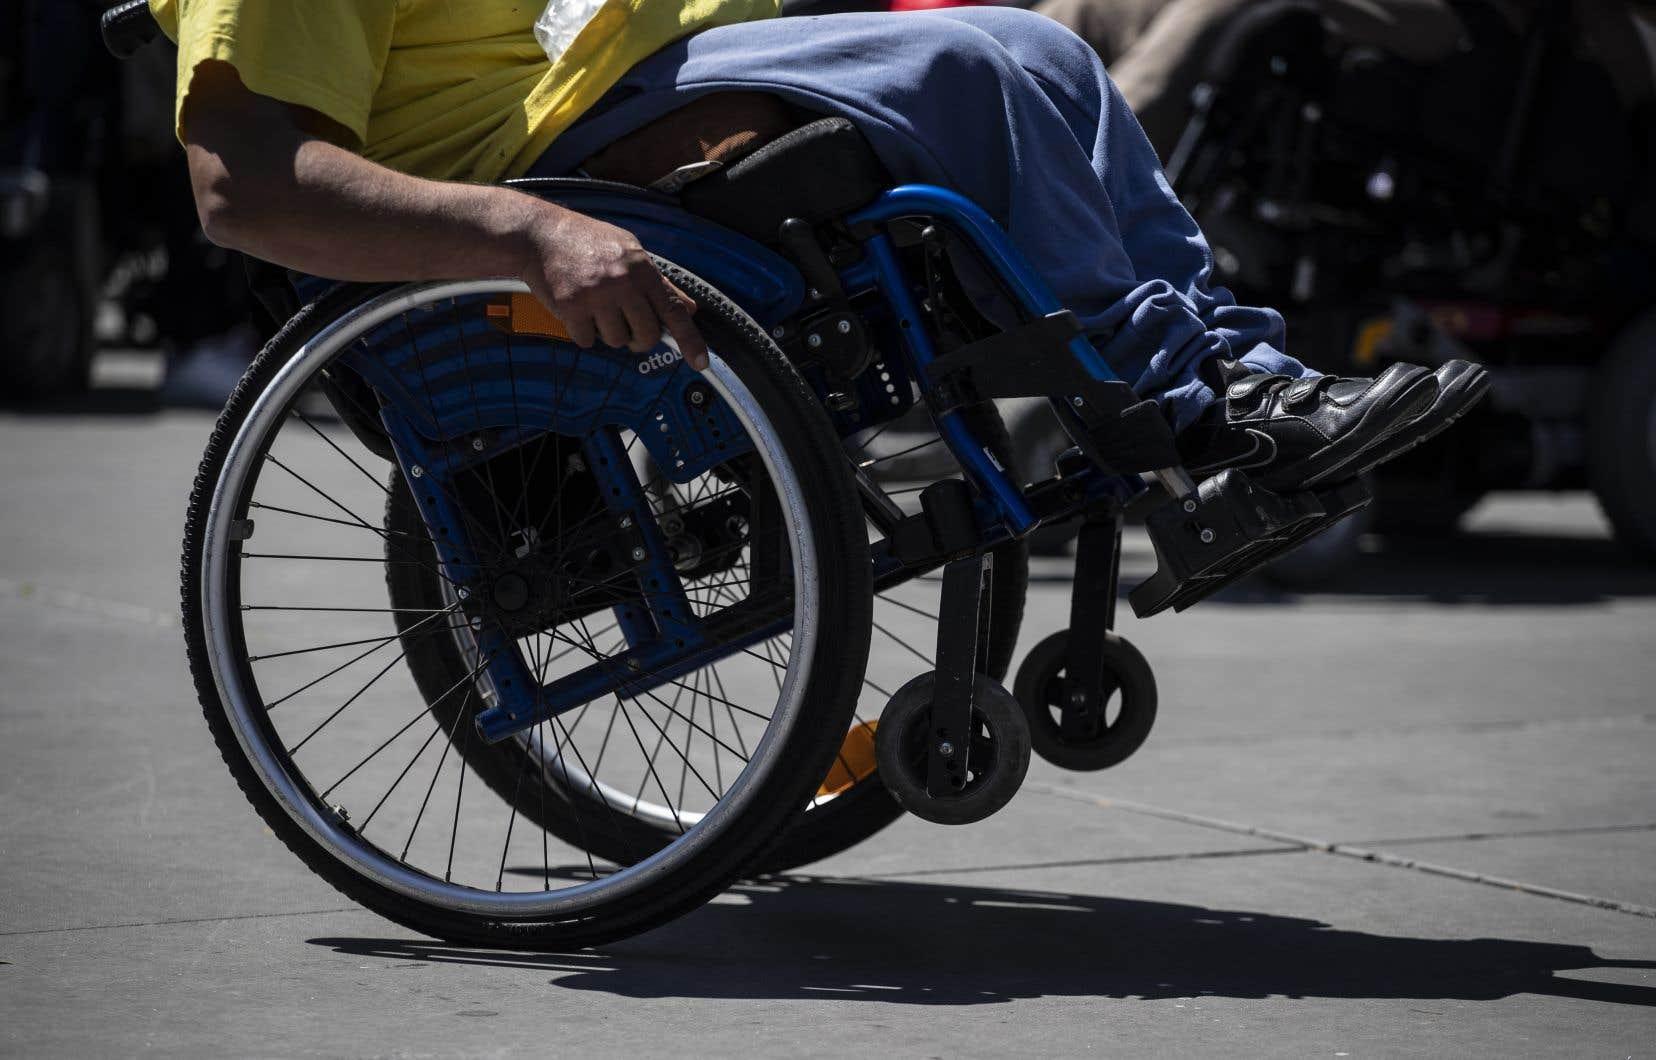 À l'heure actuelle, le gouvernement soutient les parents d'enfants handicapés, entre autres, avec les allocations familiales etle supplément pour enfant handicapé.